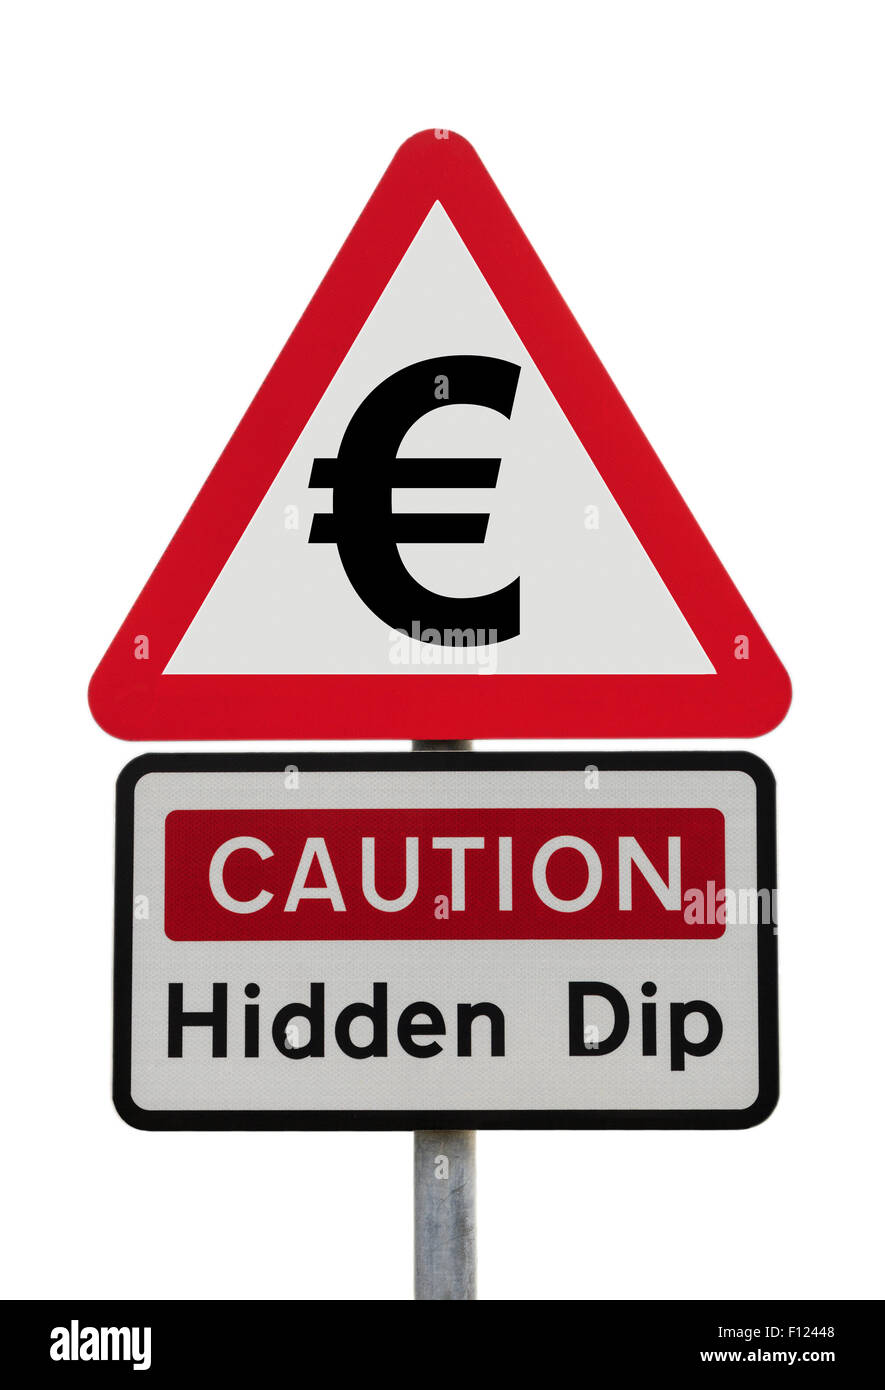 Dreieckige Schild Warnung Vorsicht versteckt Dip mit Euro melden Sie finanzielle Zukunft und Austritt Konzept veranschaulichen. Stockbild